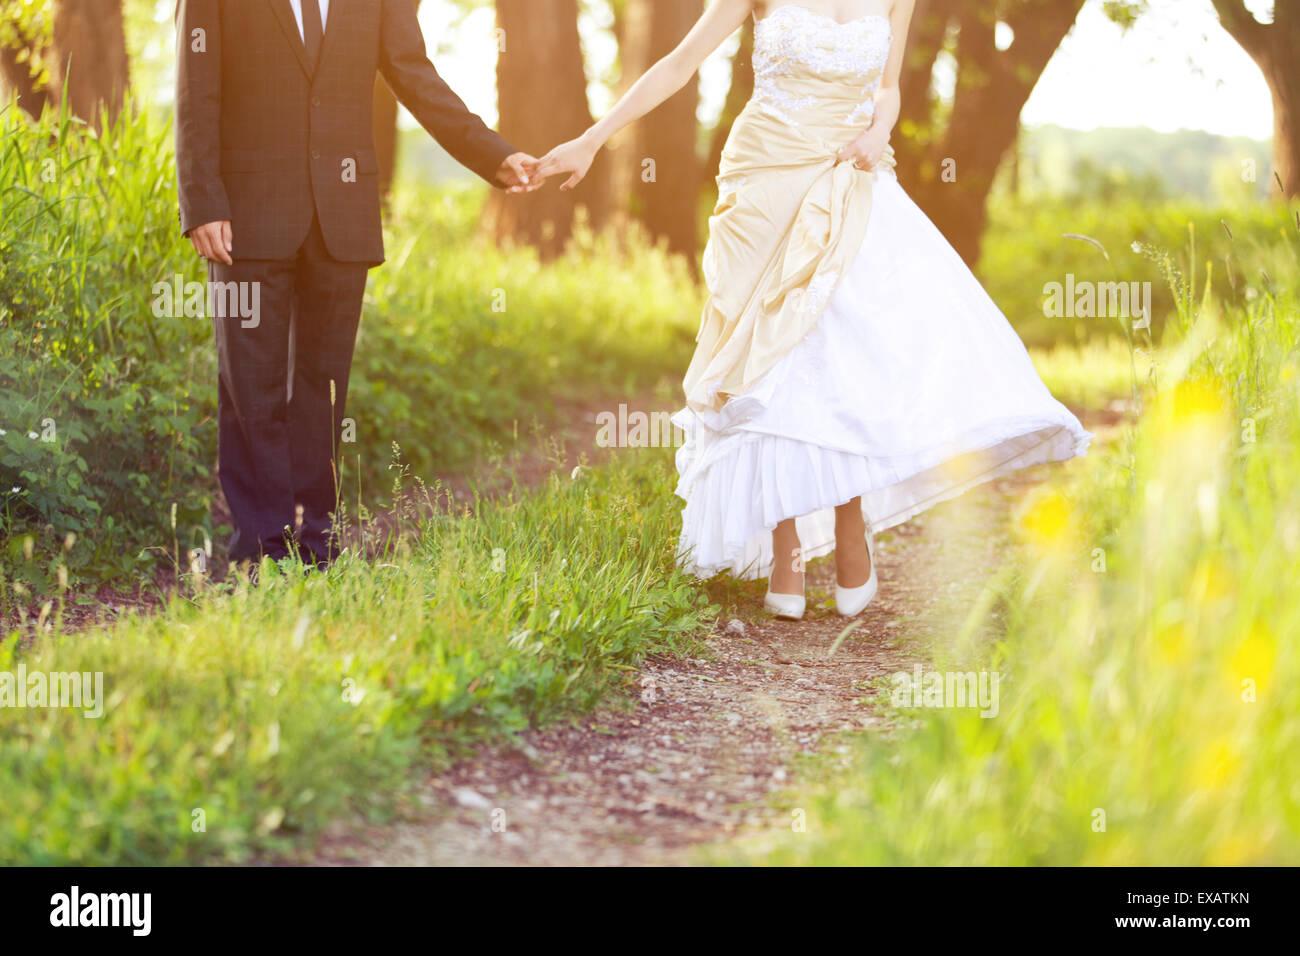 Braut und Bräutigam, Spaziergang in der Natur Stockbild